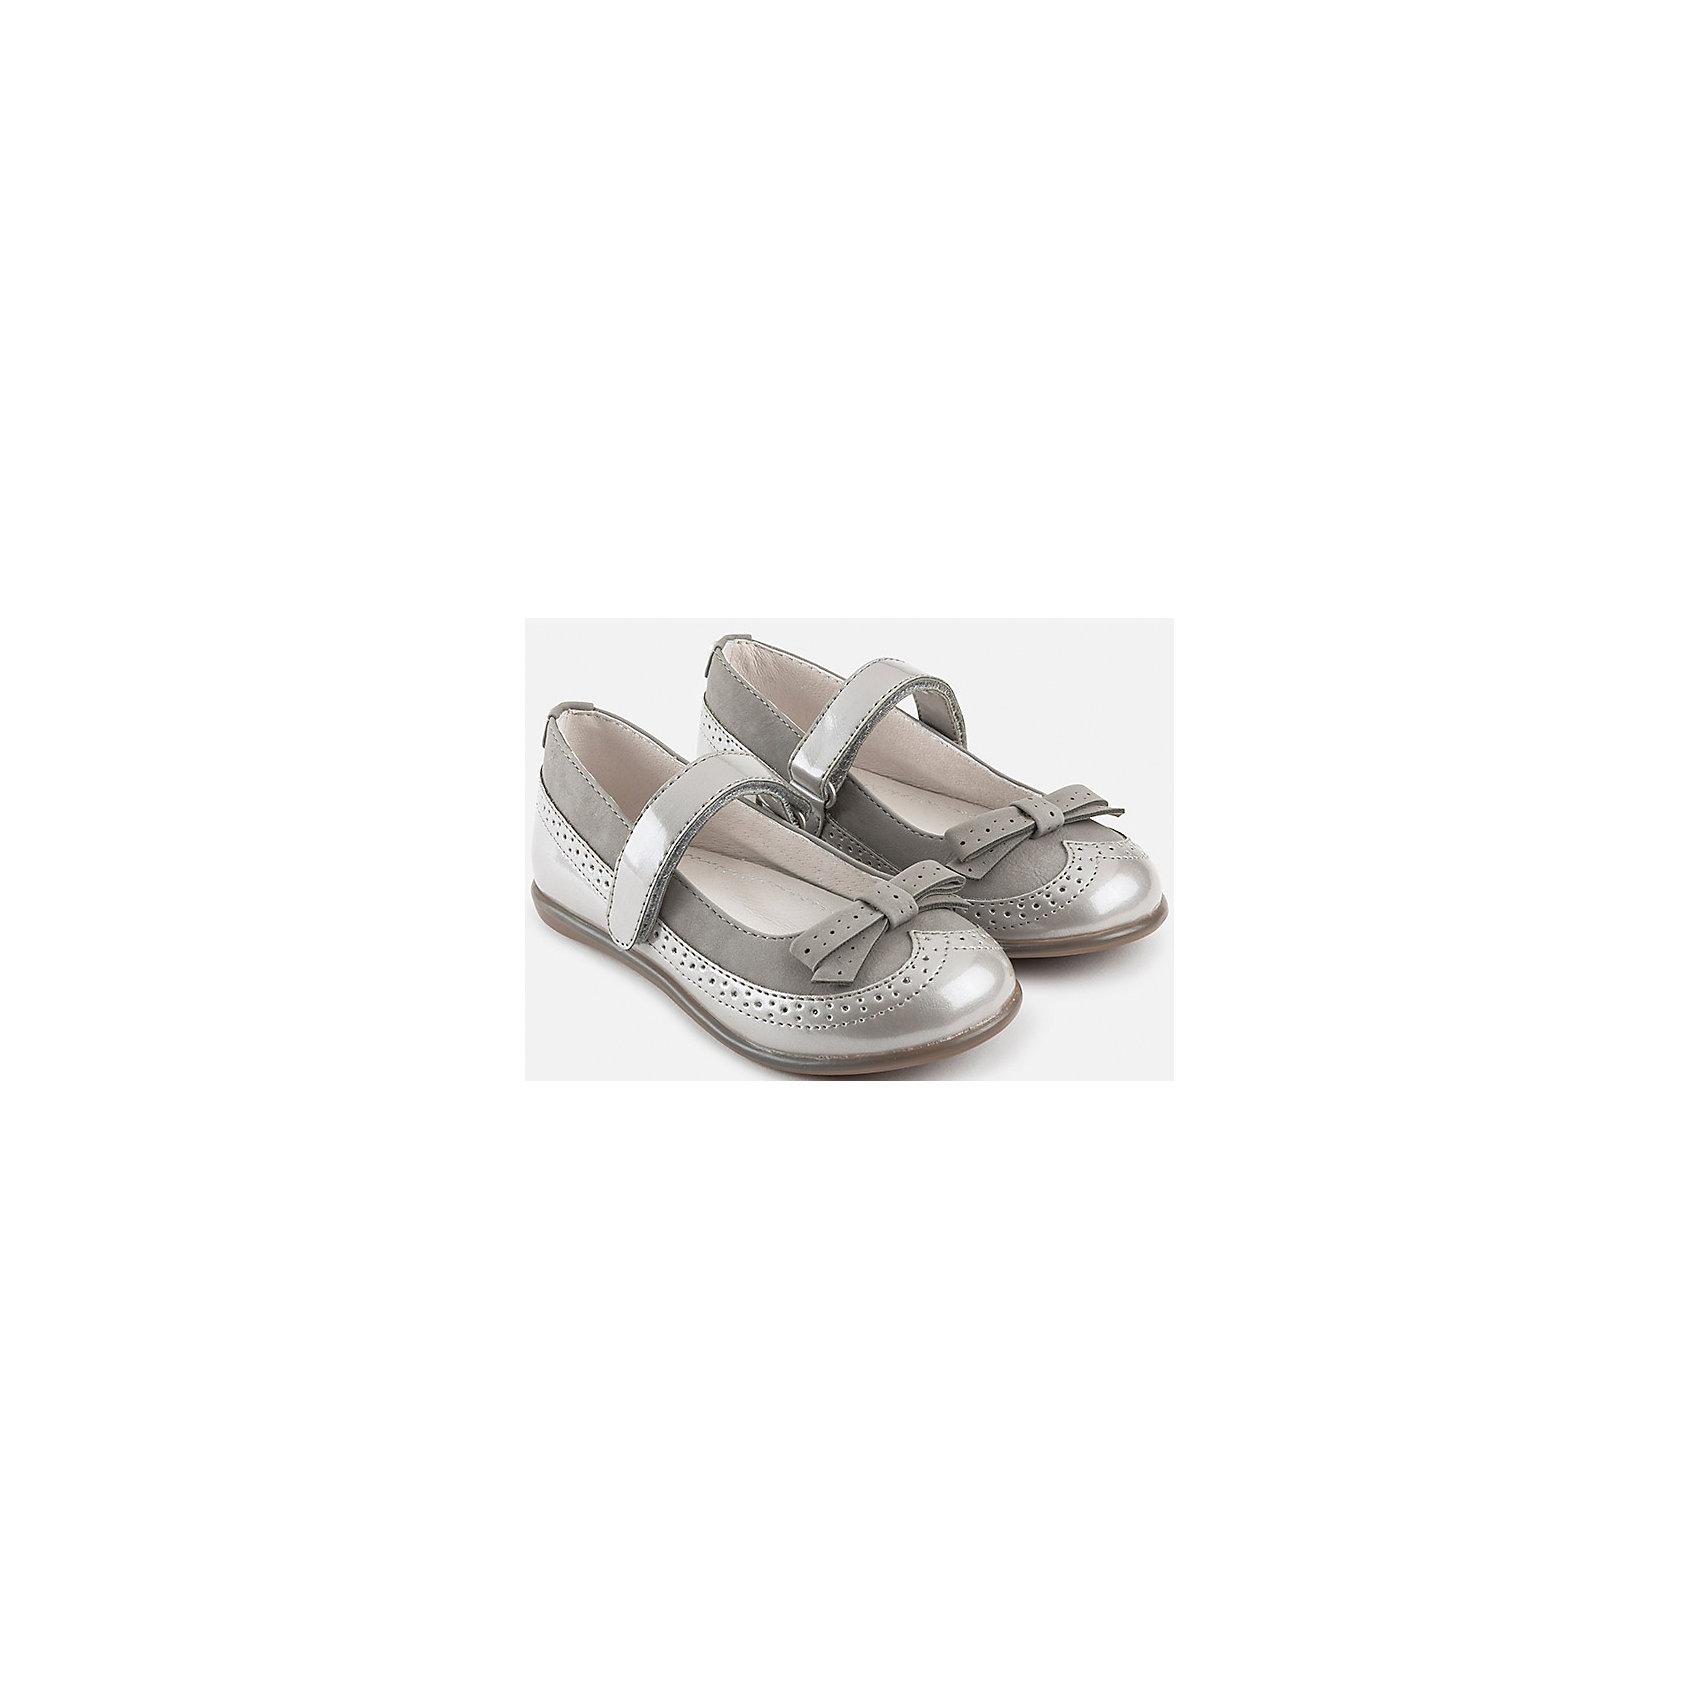 Mayoral Туфли для девочки Mayoral купить туфли в интернет магазине тамарис